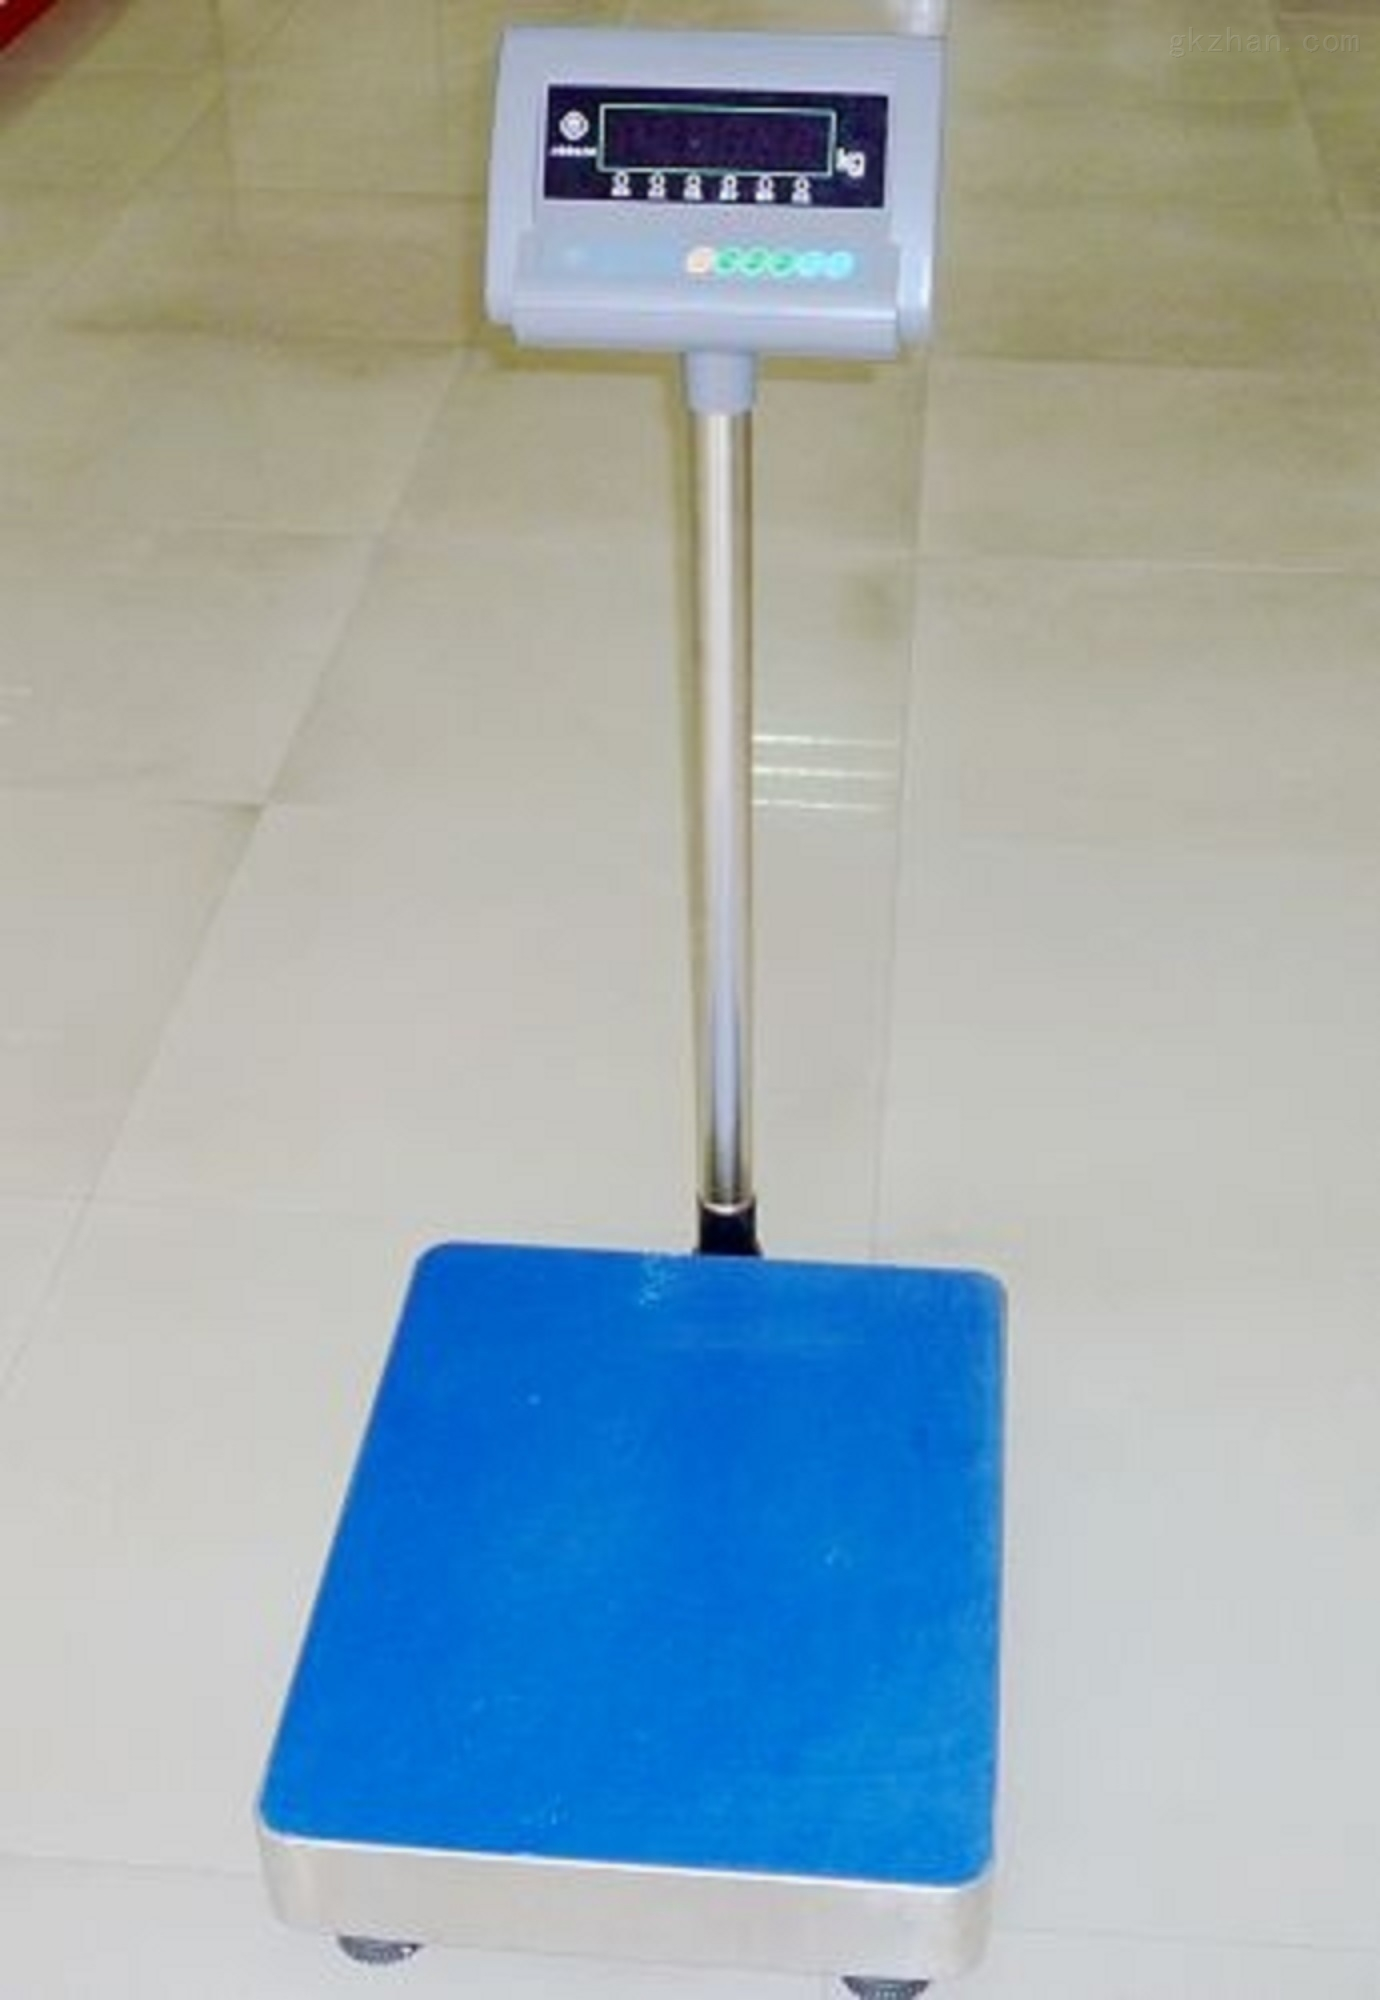 三峰工业计重300公斤电子计重平台秤